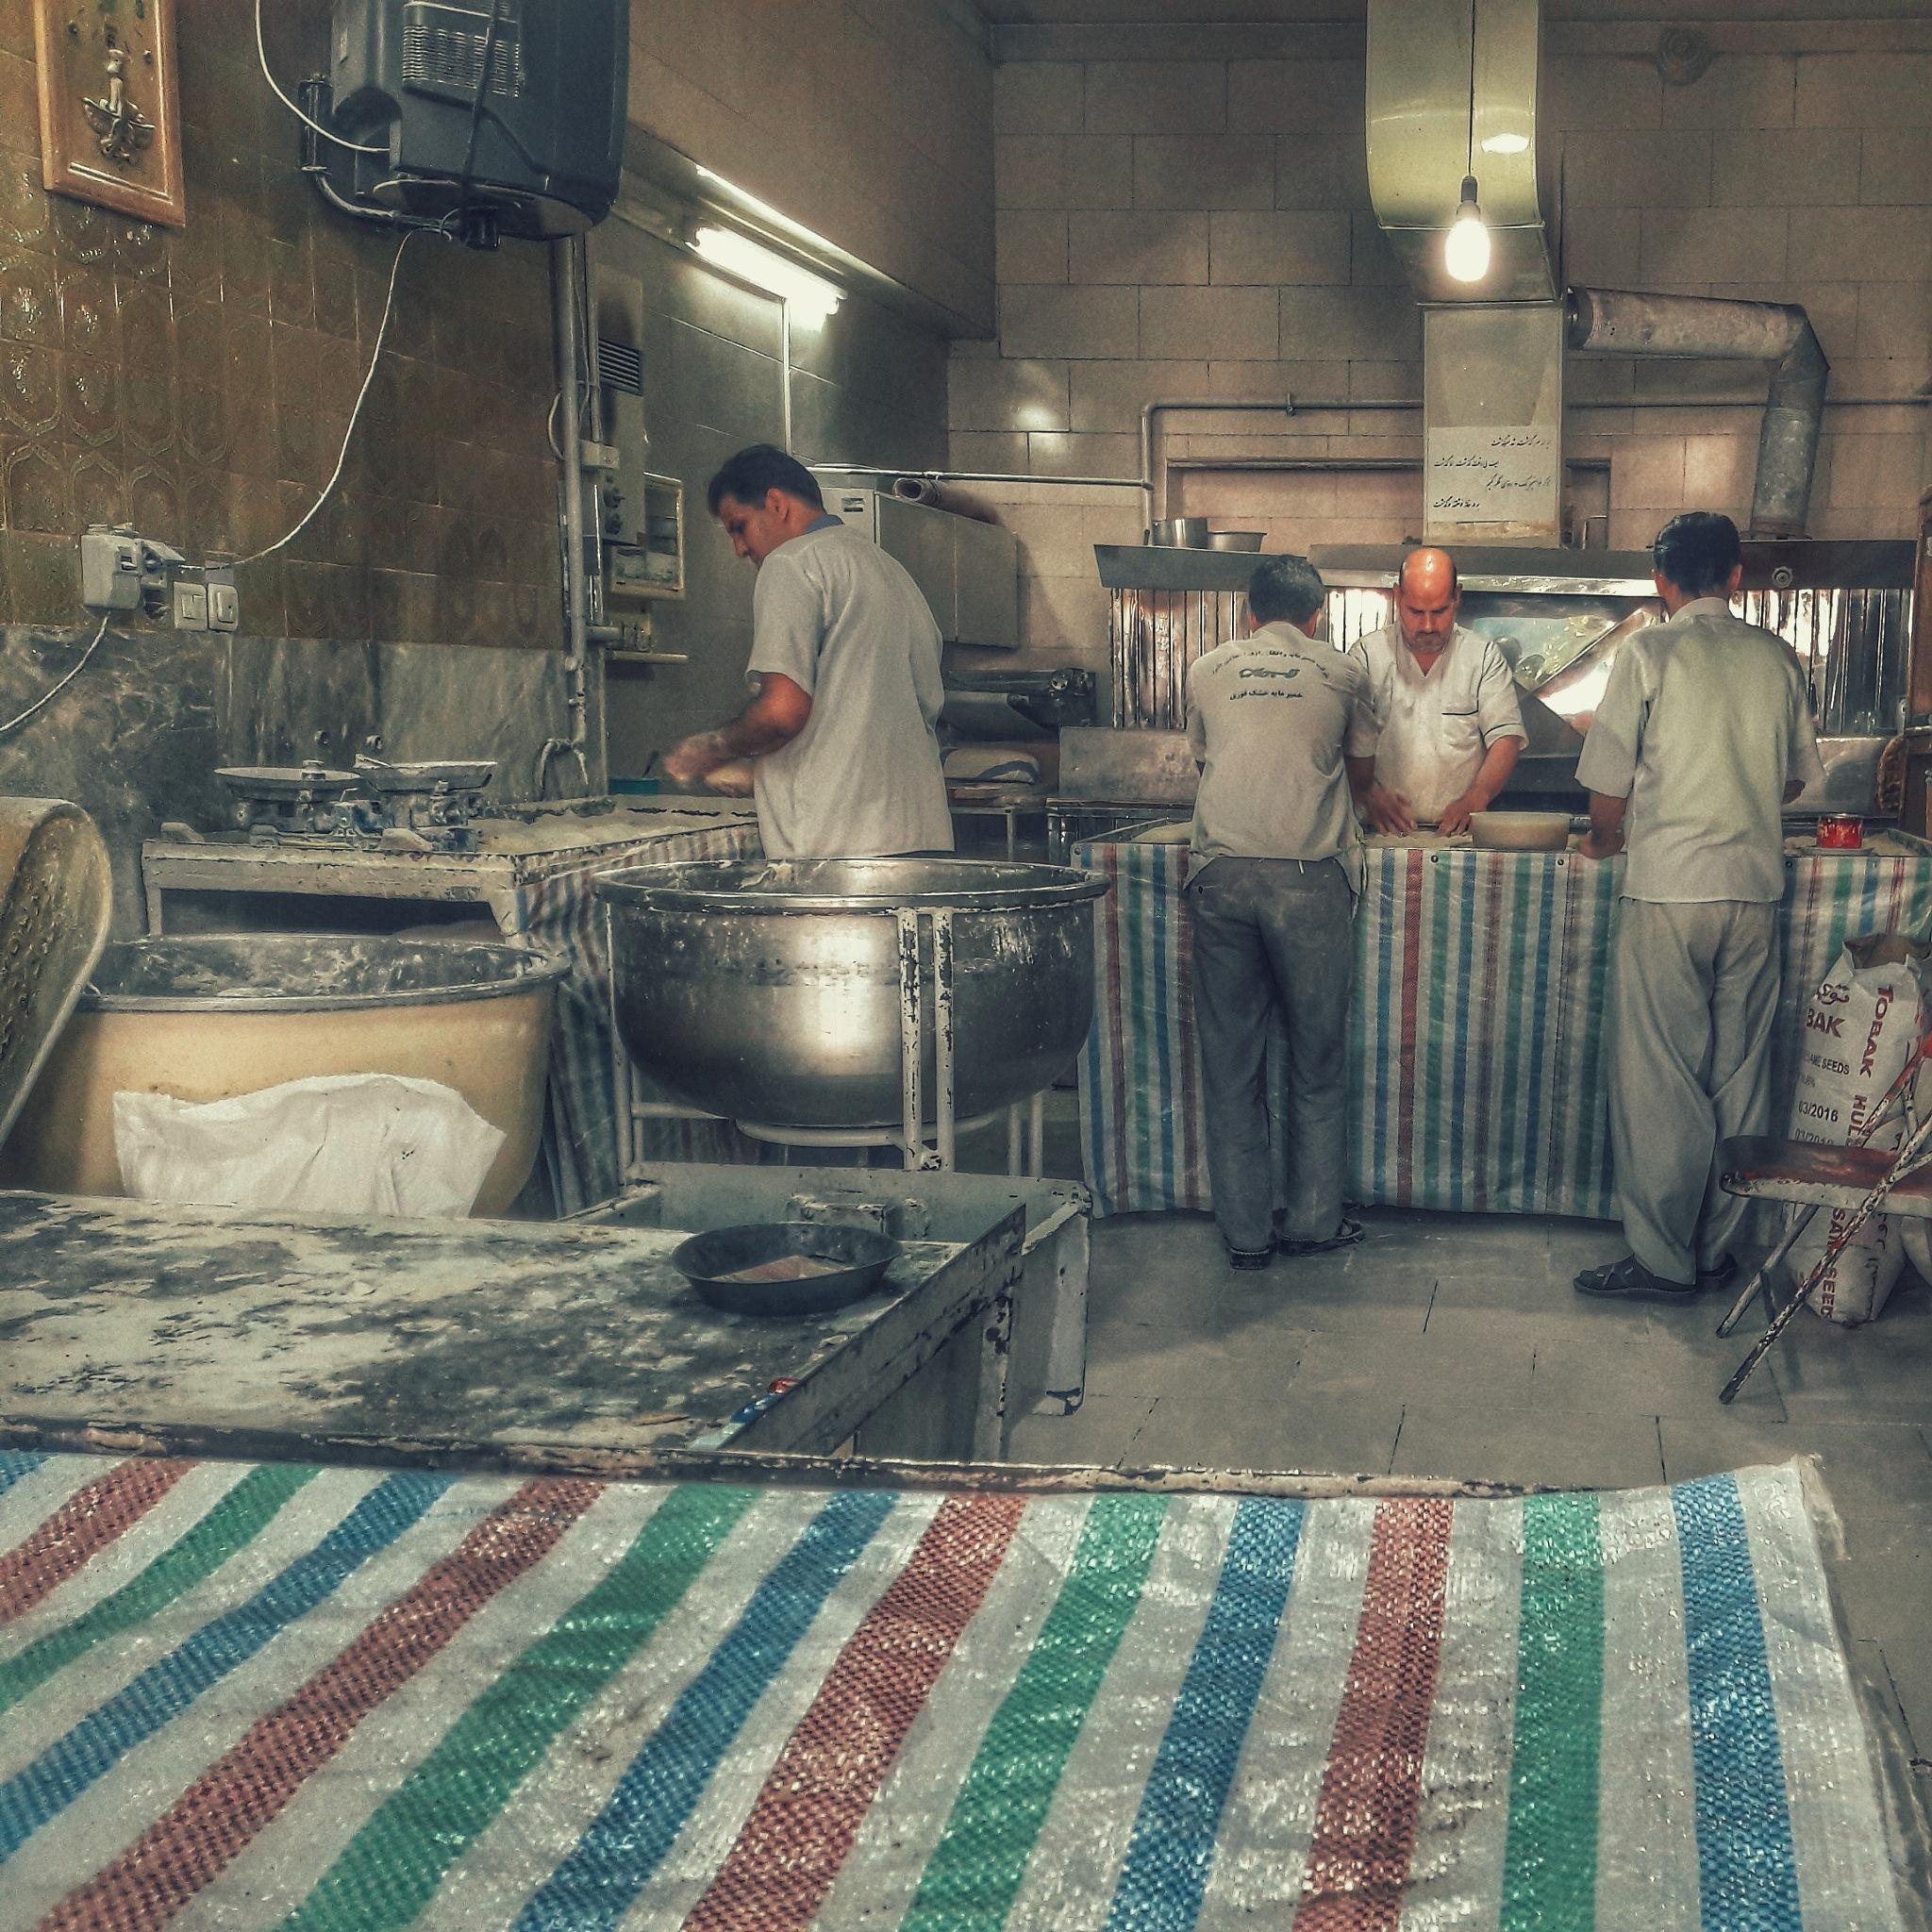 The bakery by Alireza Ahmadi Panah